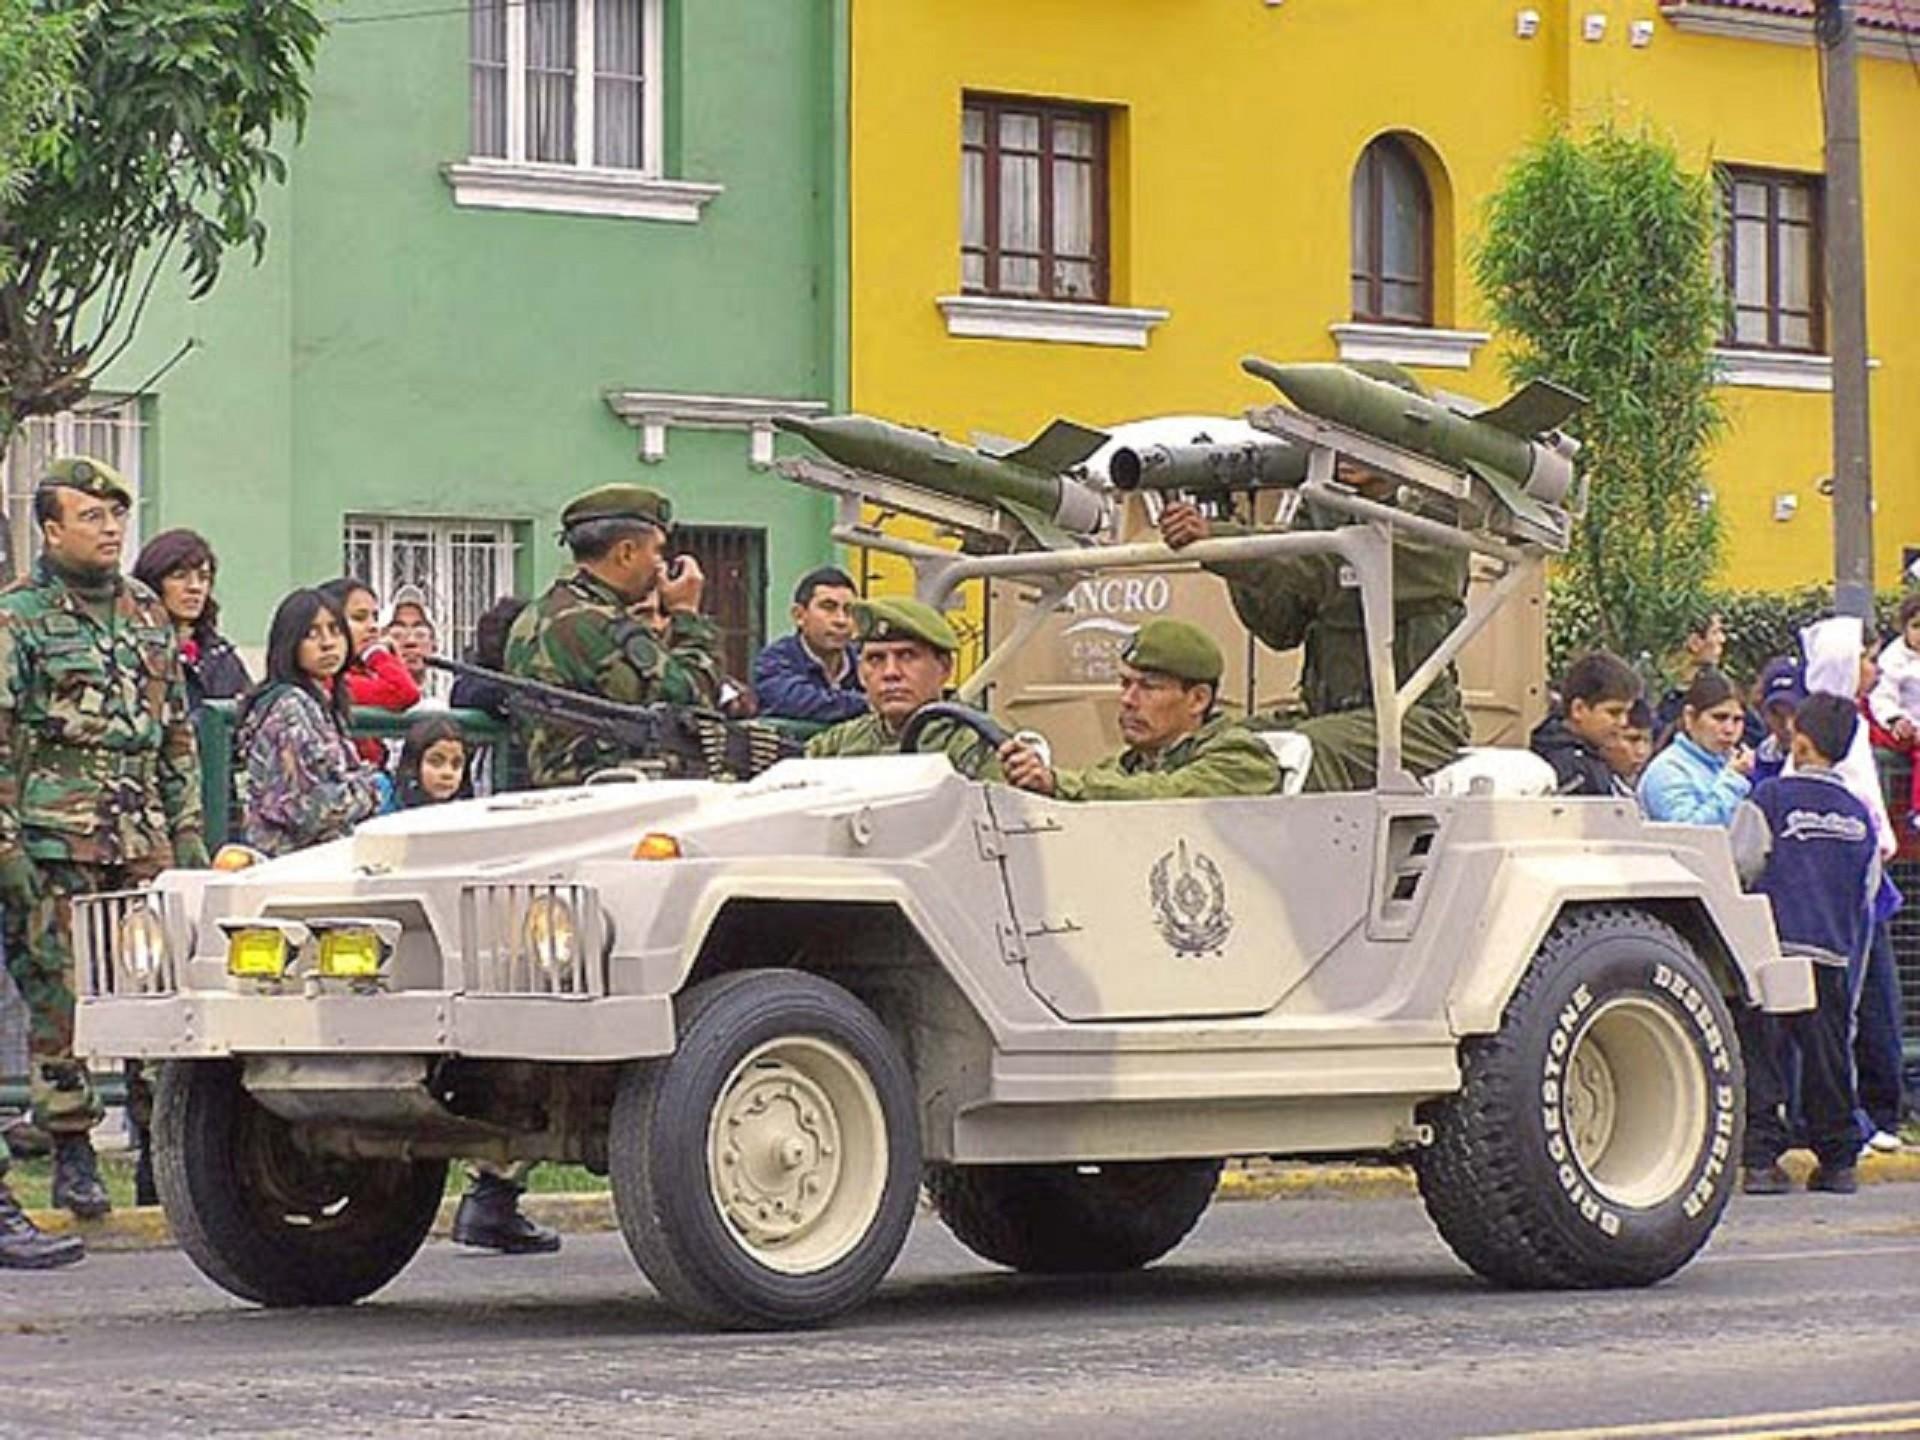 Vehículo 'Asanave' de fabricación peruana portando misiles rusos 9M14 Maliutka.